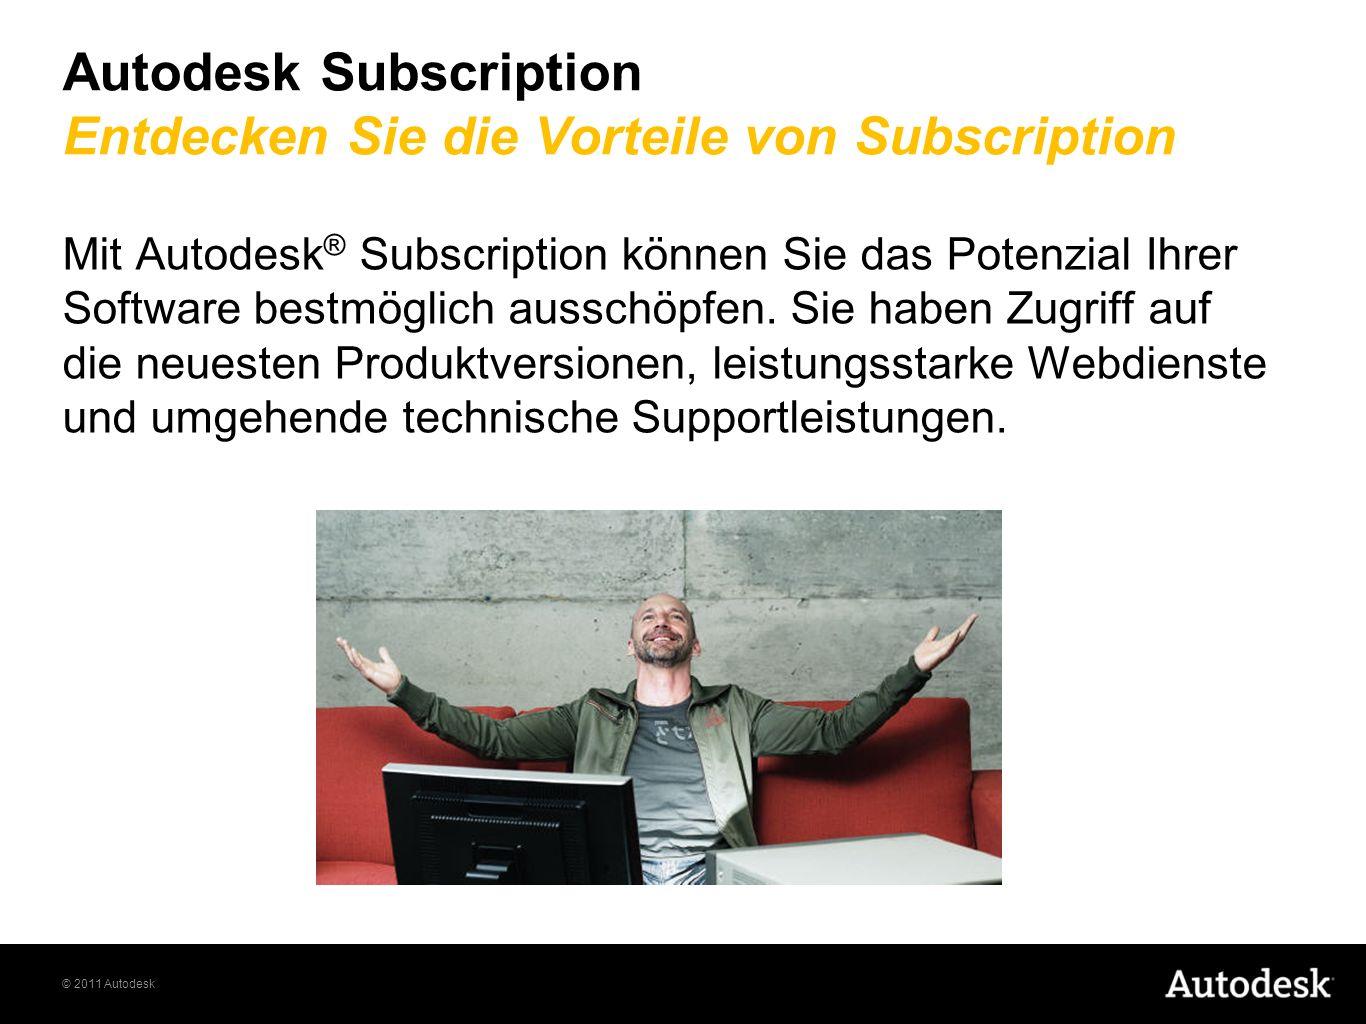 © 2011 Autodesk Autodesk Subscription Entdecken Sie die Vorteile von Subscription Mit Autodesk ® Subscription können Sie das Potenzial Ihrer Software bestmöglich ausschöpfen.